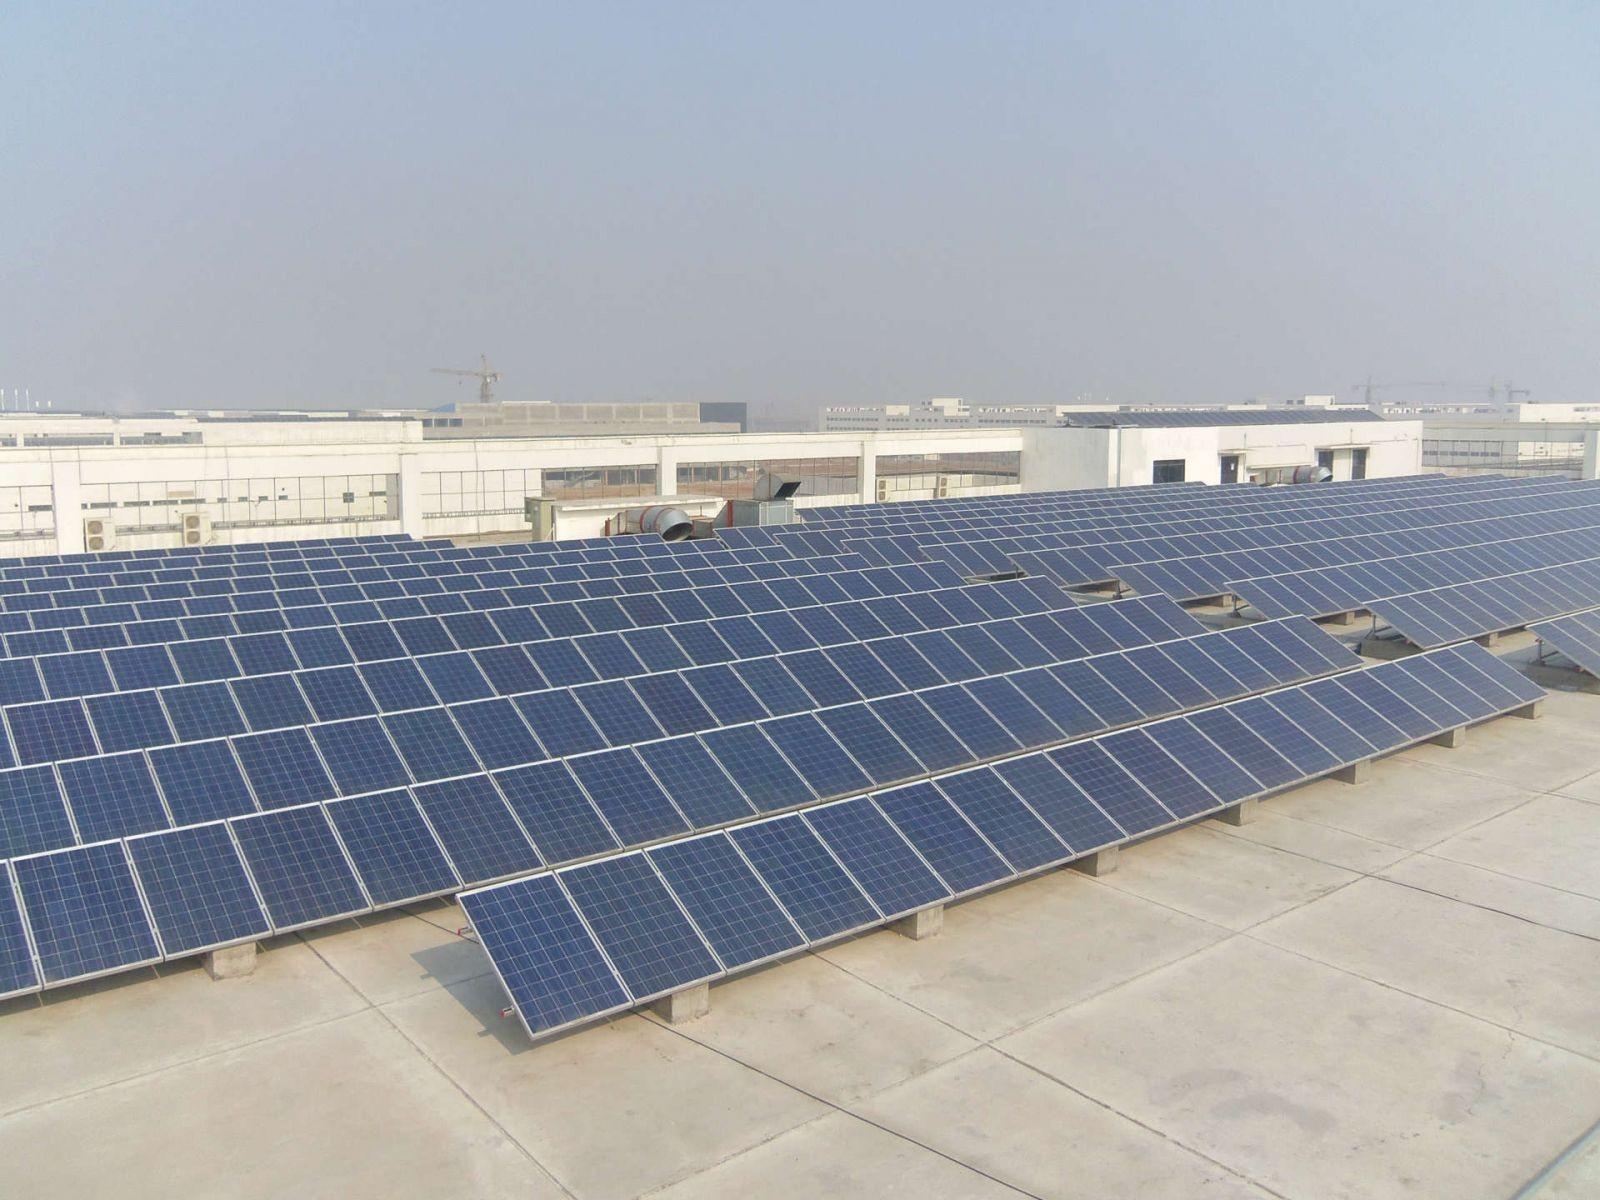 德国如此亲睐分布式光伏发电,中国市场为何不温不火?